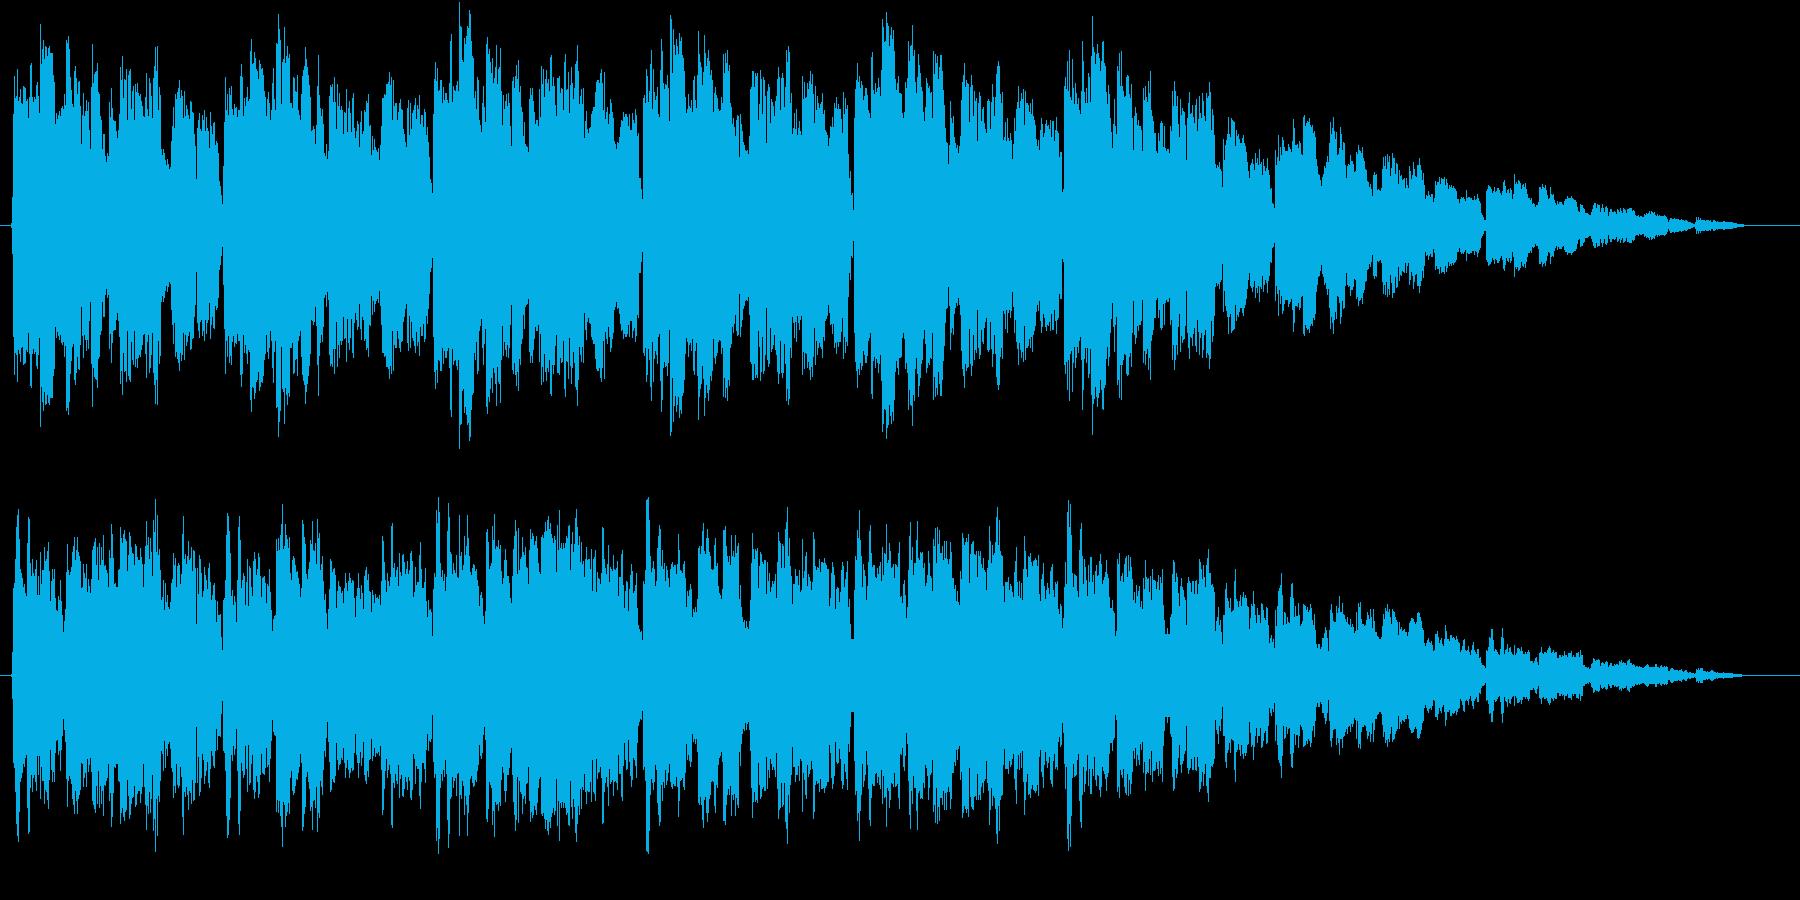 Aギター生演奏、シンプルで穏やかな口笛との再生済みの波形